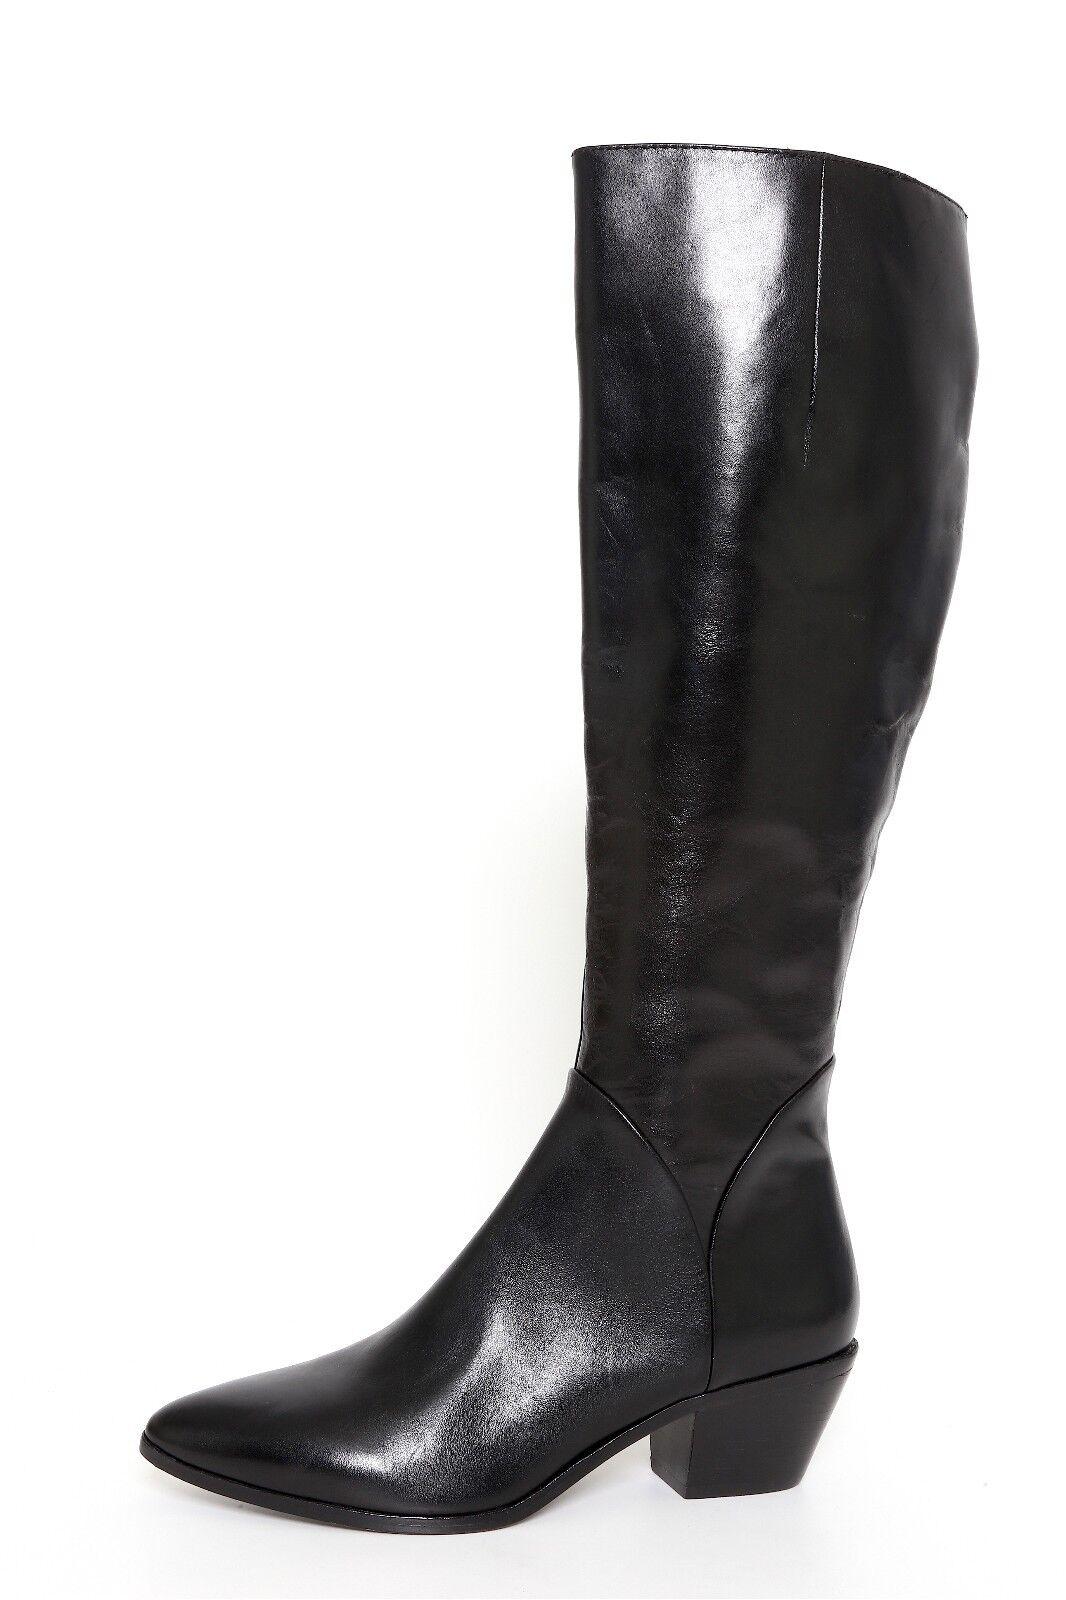 Bota de mujer de cuero negro de la la la firma VC tamaño 6.5M US 36.5 EUR 8137   440  toma